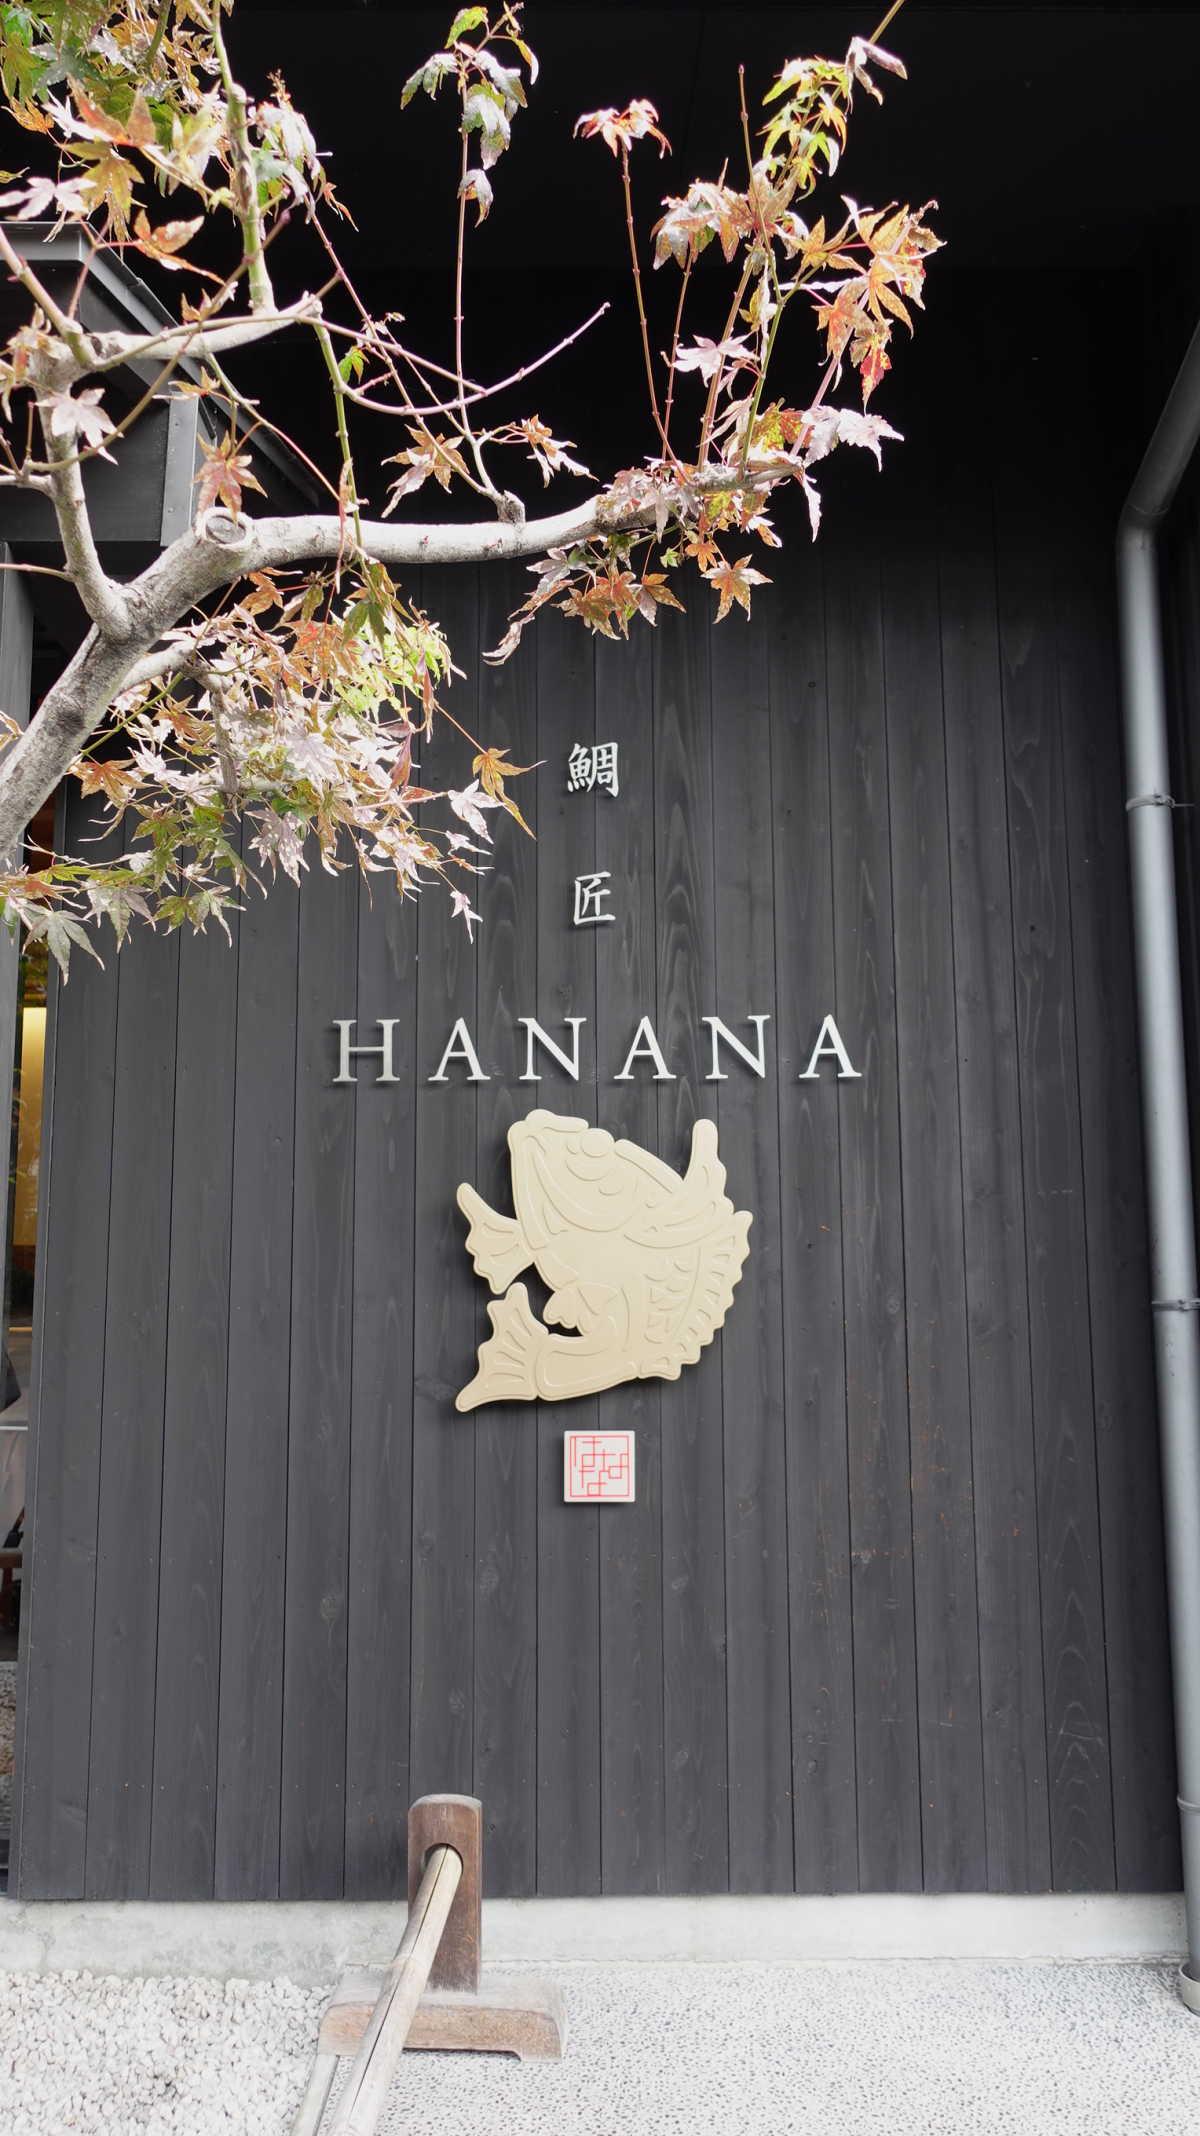 京都嵐山にある鯛めしが美味しい件@鯛匠 HANANA - TRIPROUD